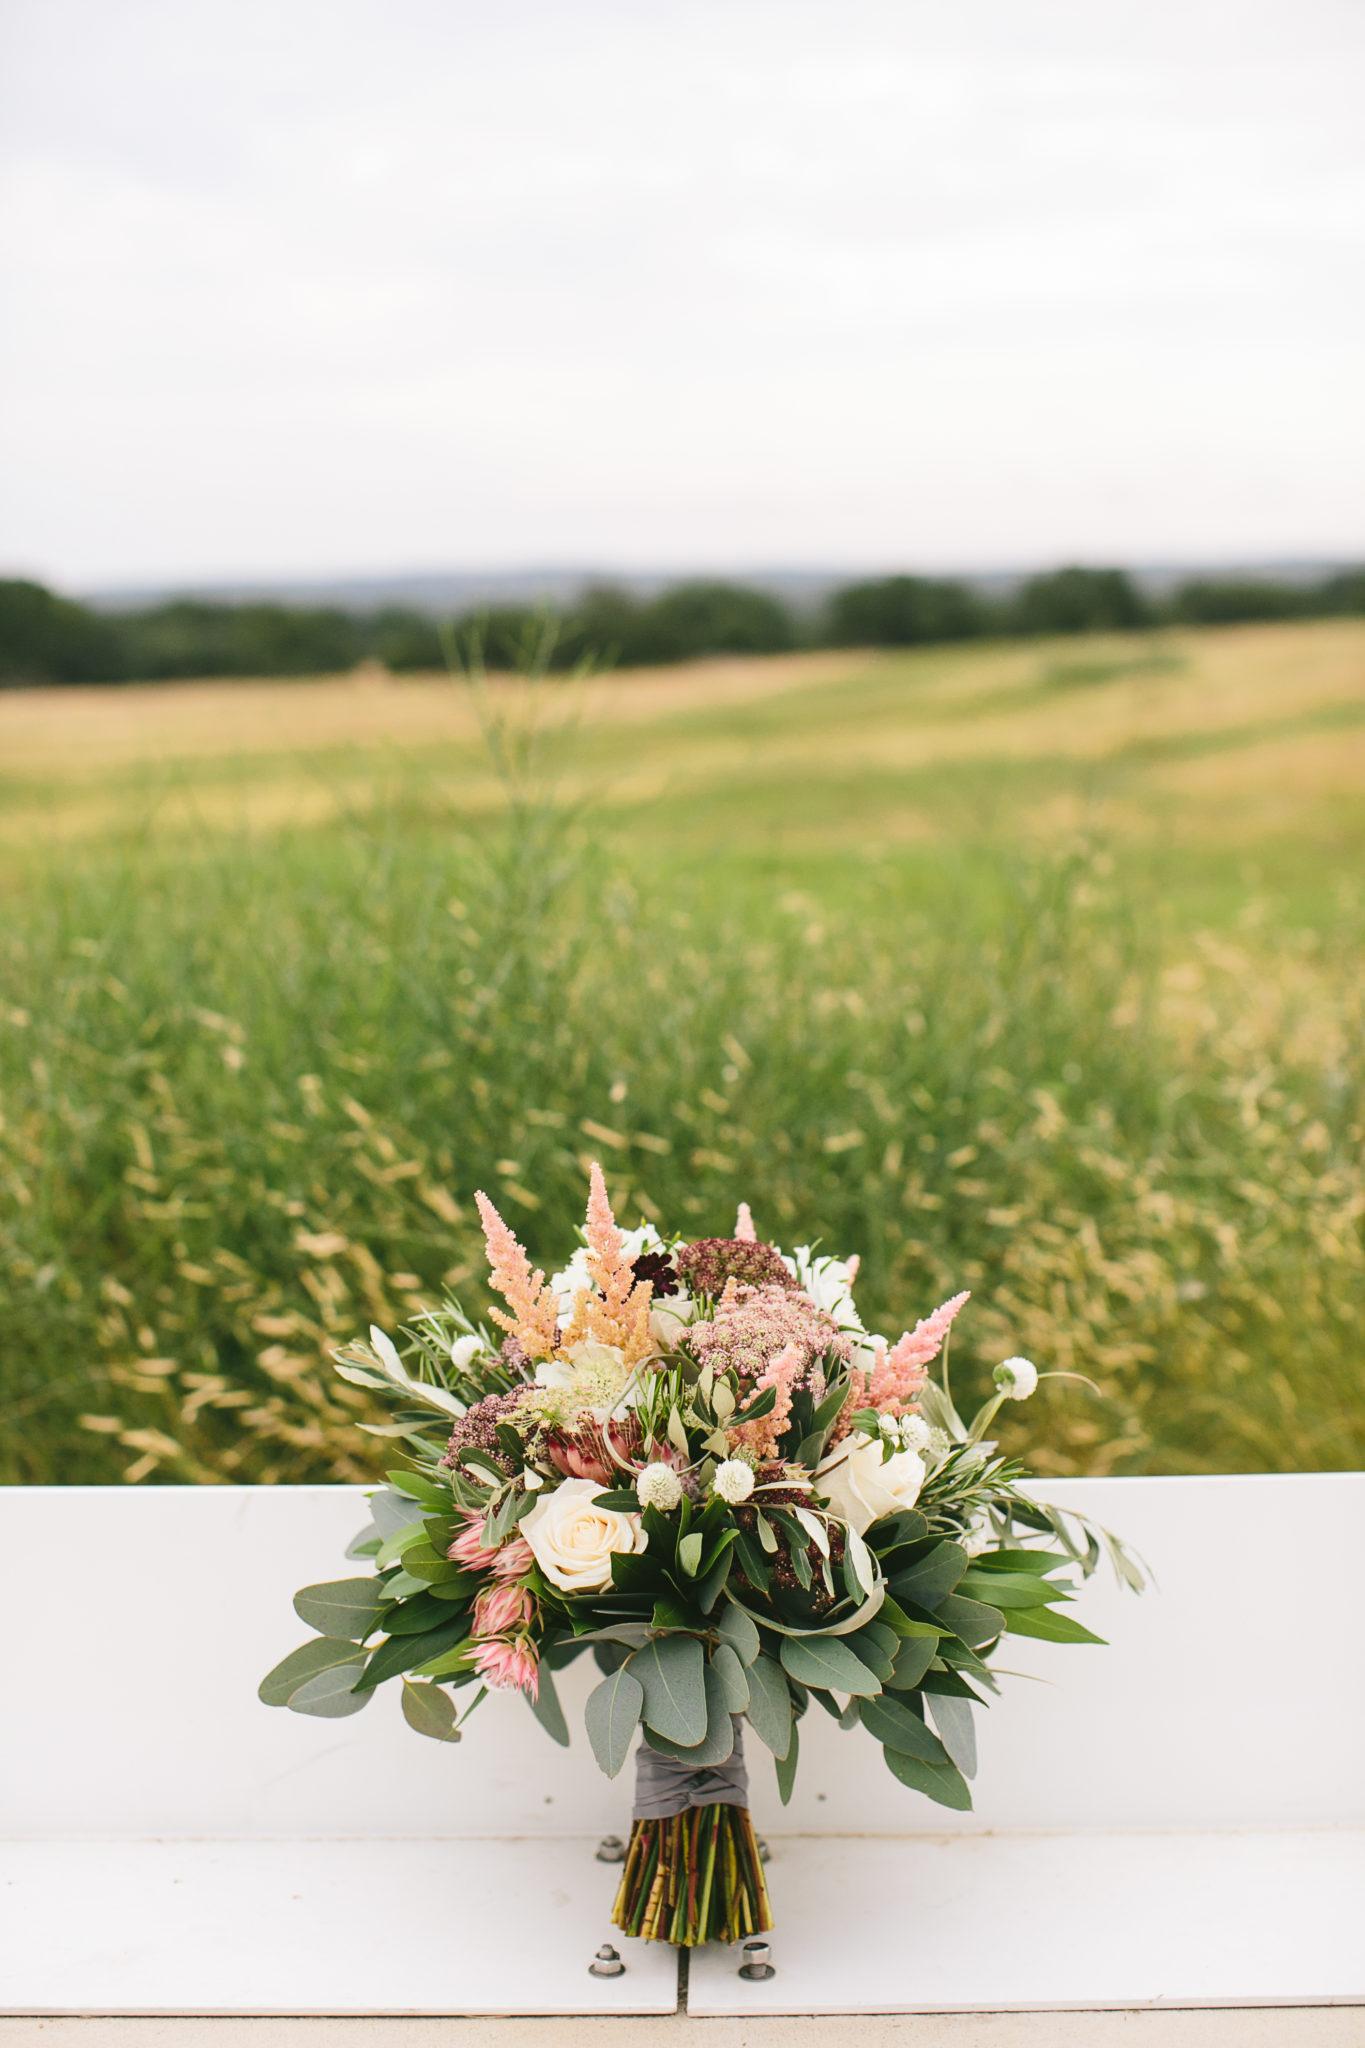 king-florist-bouquet-austin-1